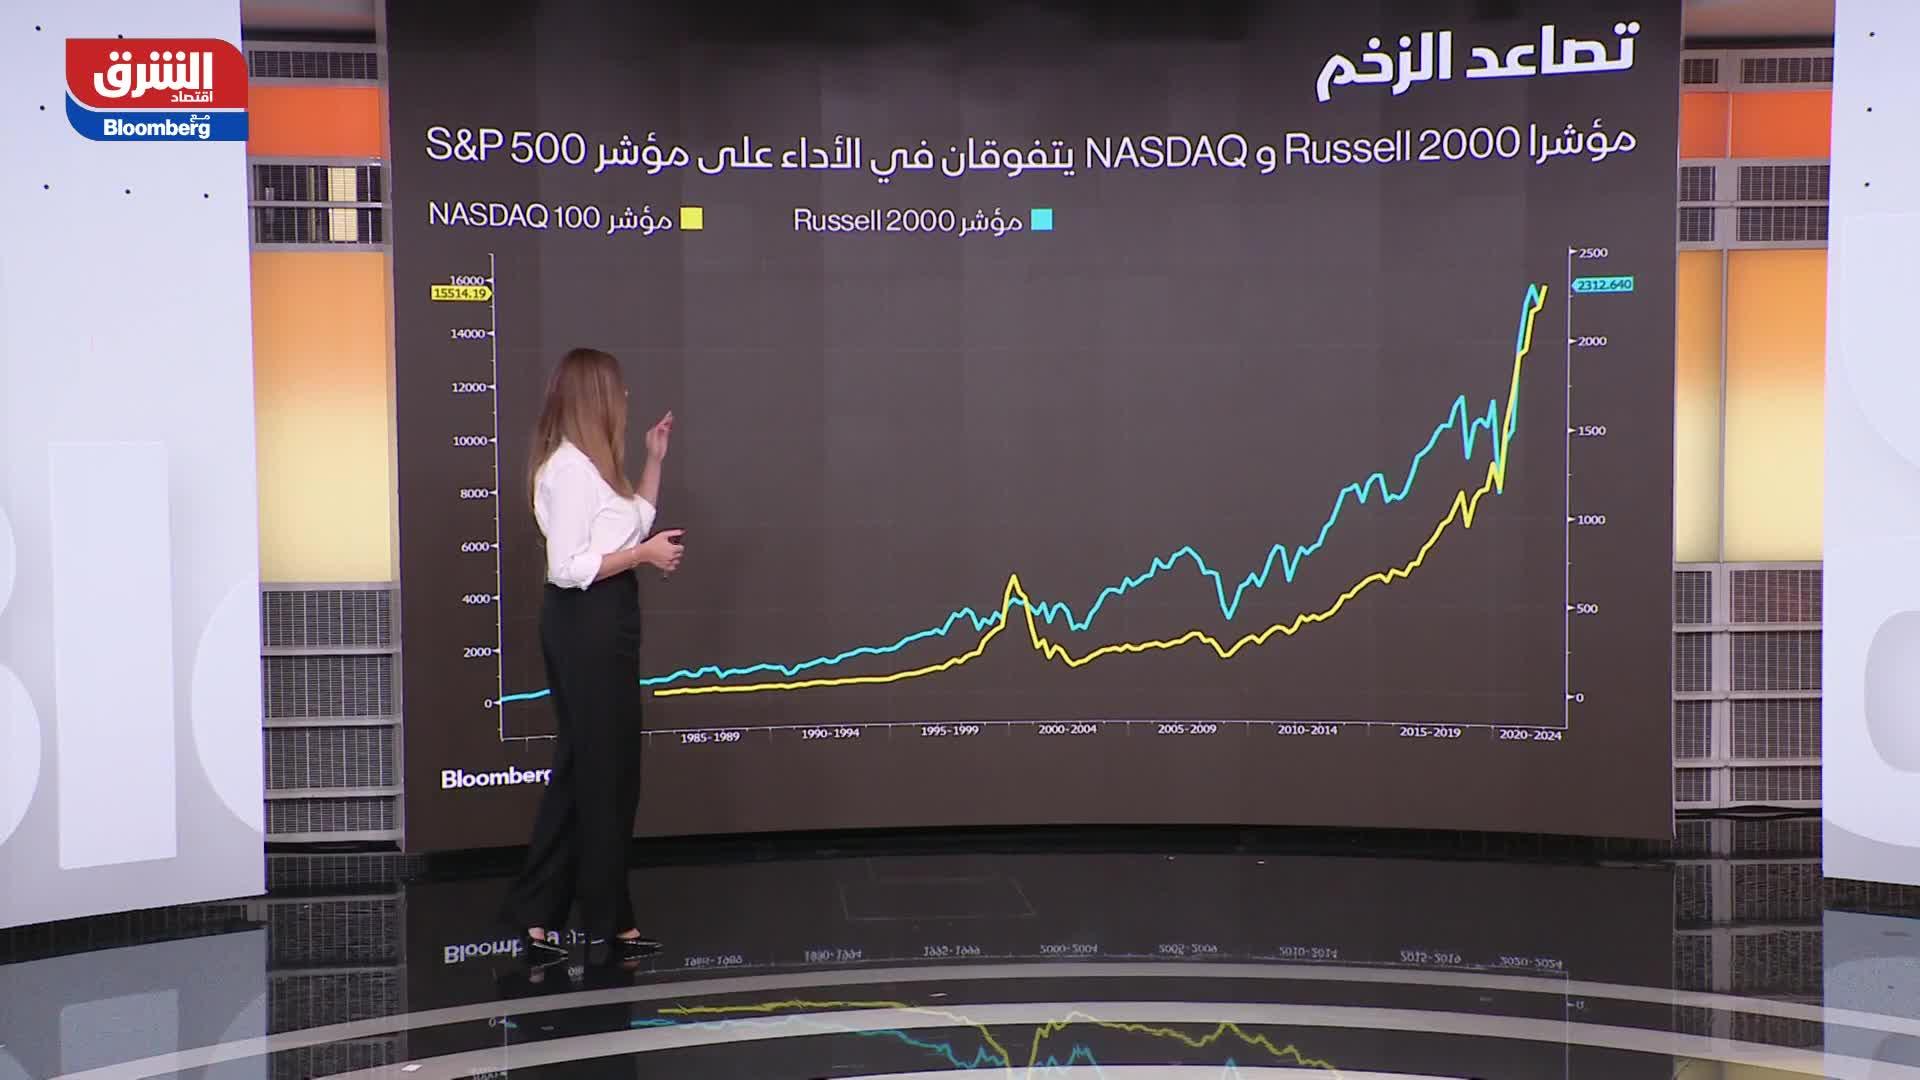 مؤشرات الأسهم الأميركية 26-10-21